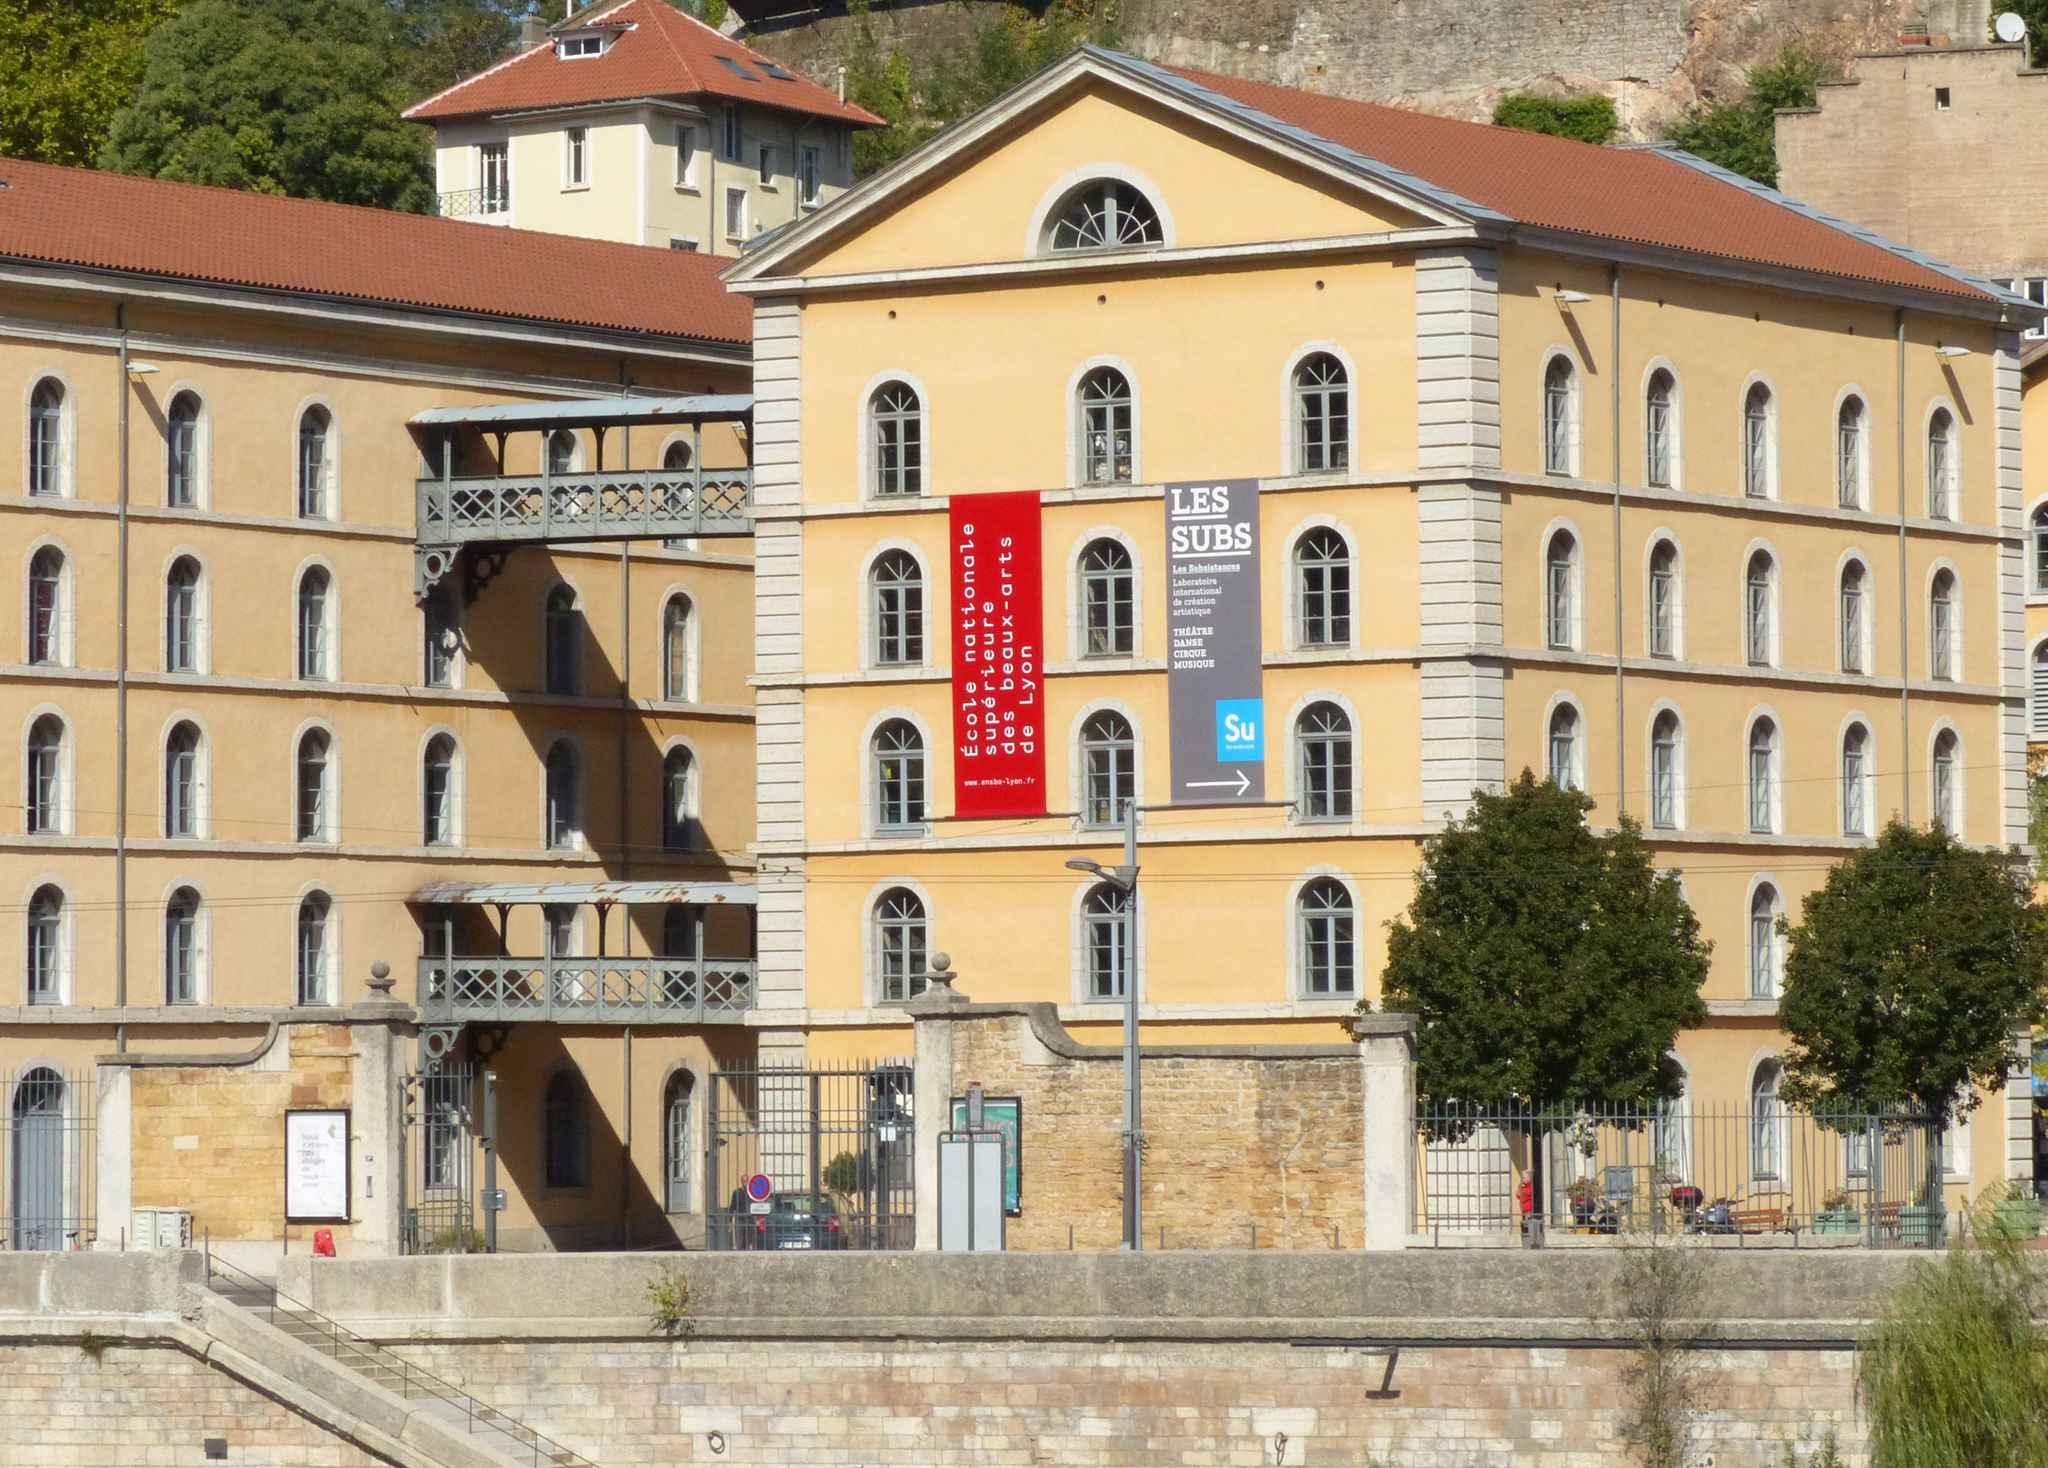 File:Ecole des Beaux-Arts de Lyon, 2015.jpg - Wikimedia